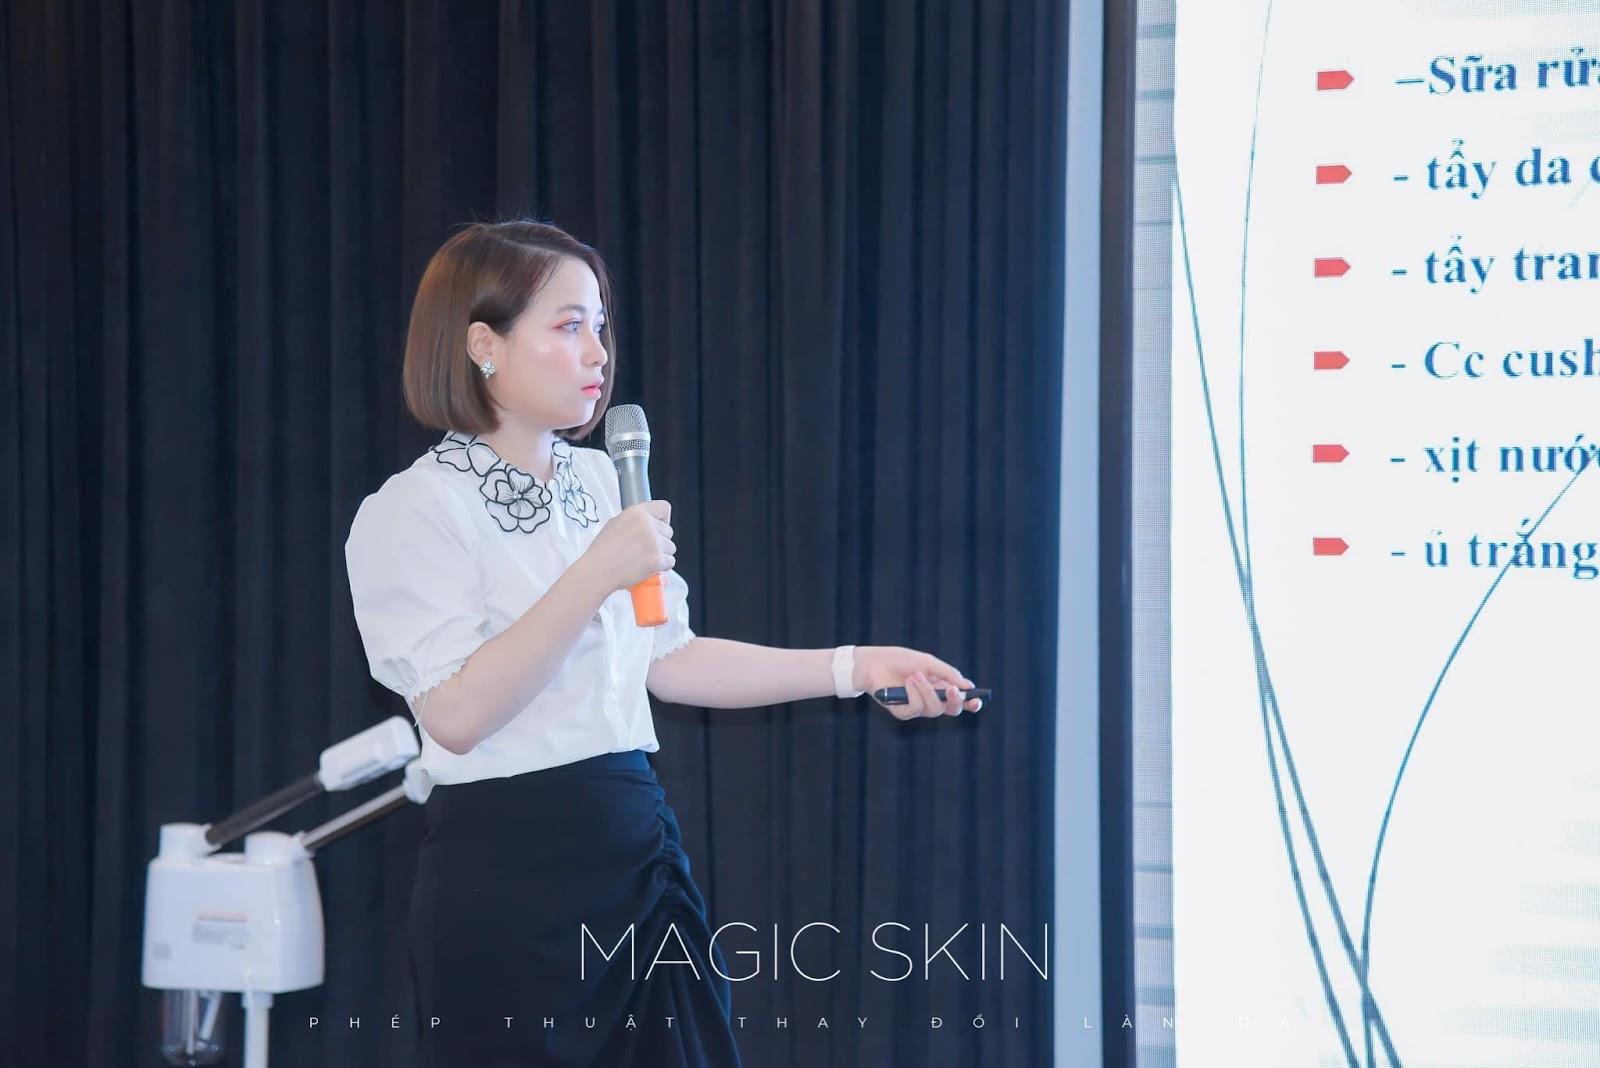 Doanh nhân Bến Bế - Thành công bứt phá nhờ kinh doanh mỹ phẩm Magic Skin - Ảnh 4